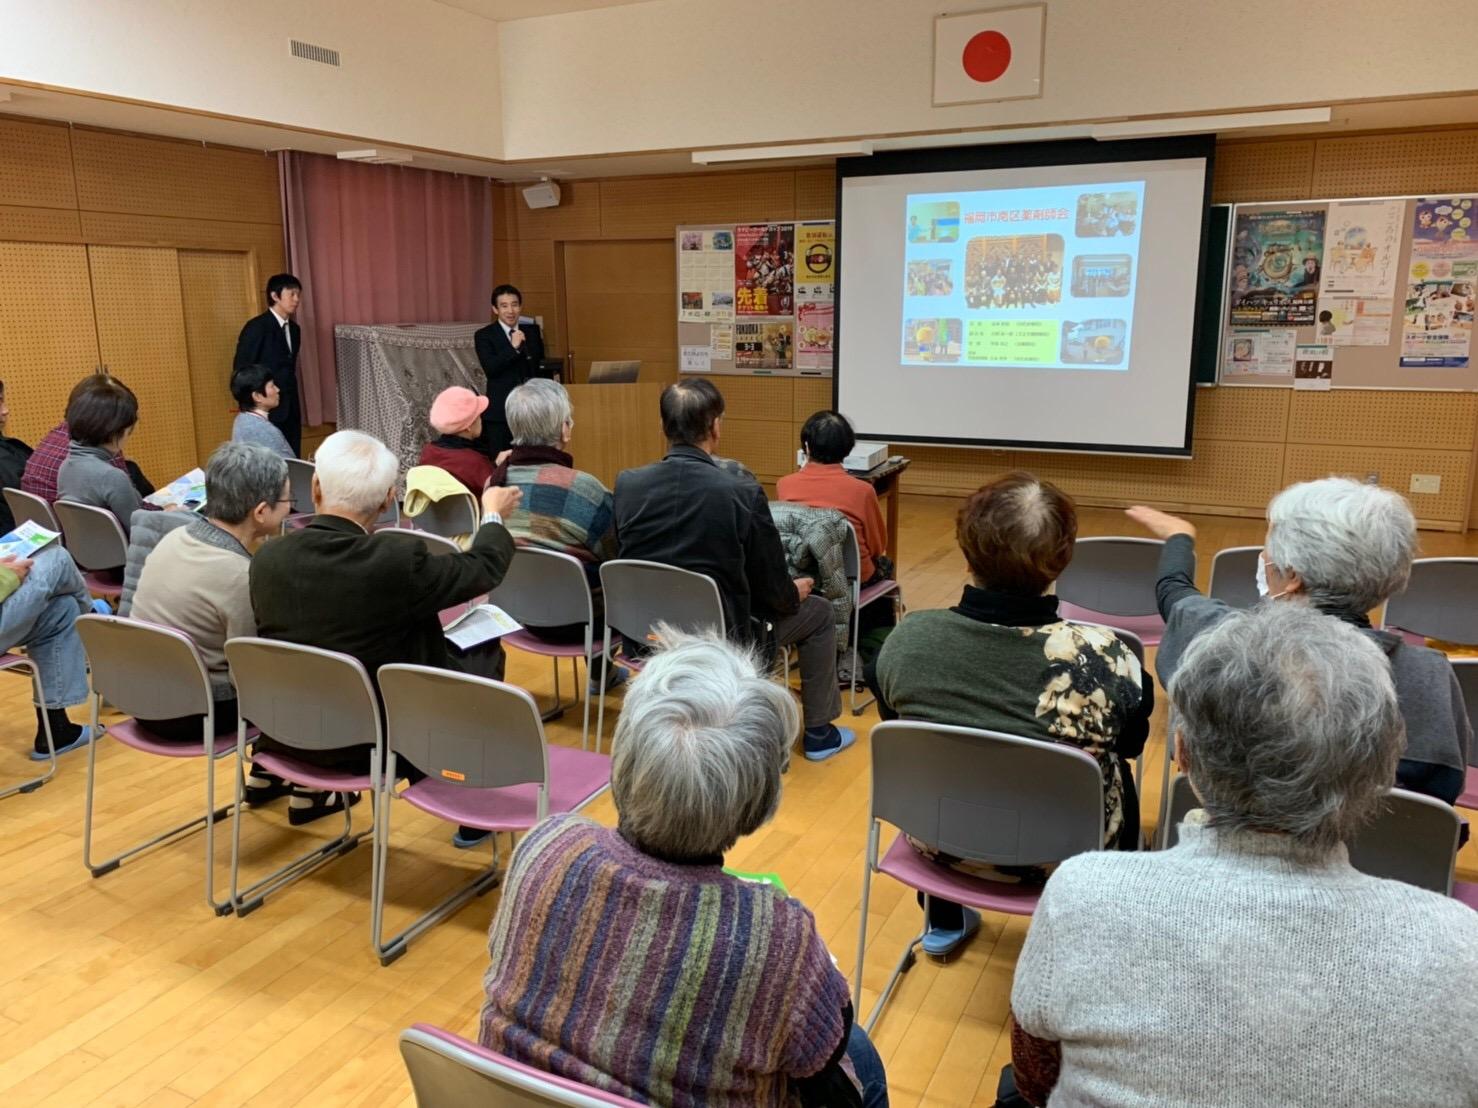 野多目公民館(福岡市南区)にて、おくすり講座の講演を行いました・・・☺